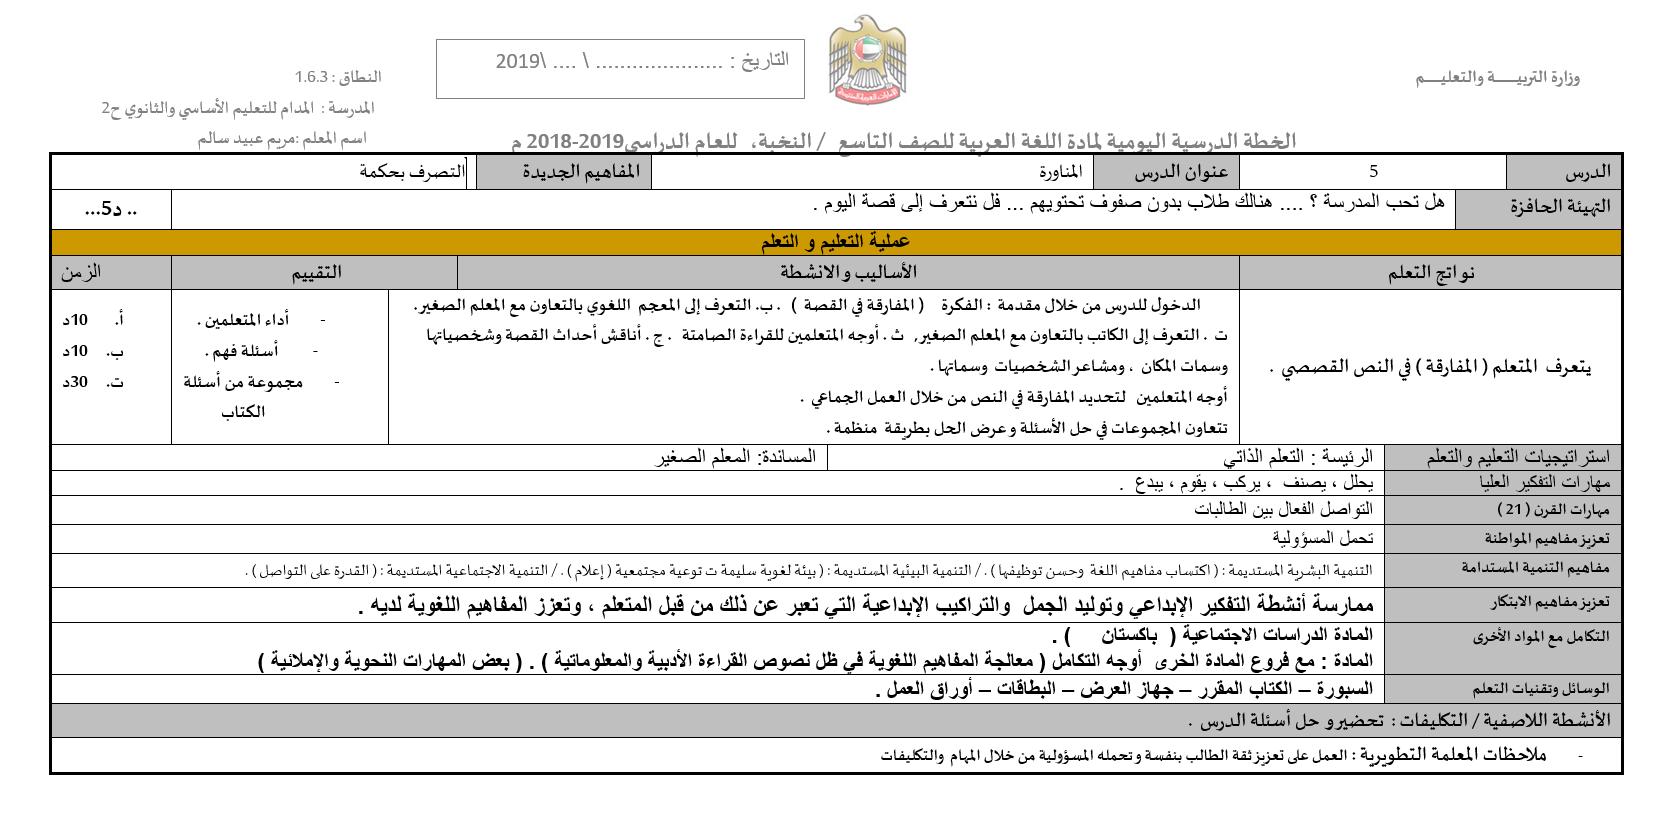 المنارة الخطة الدرسية اليومية الصف التاسع مادة اللغة العربية